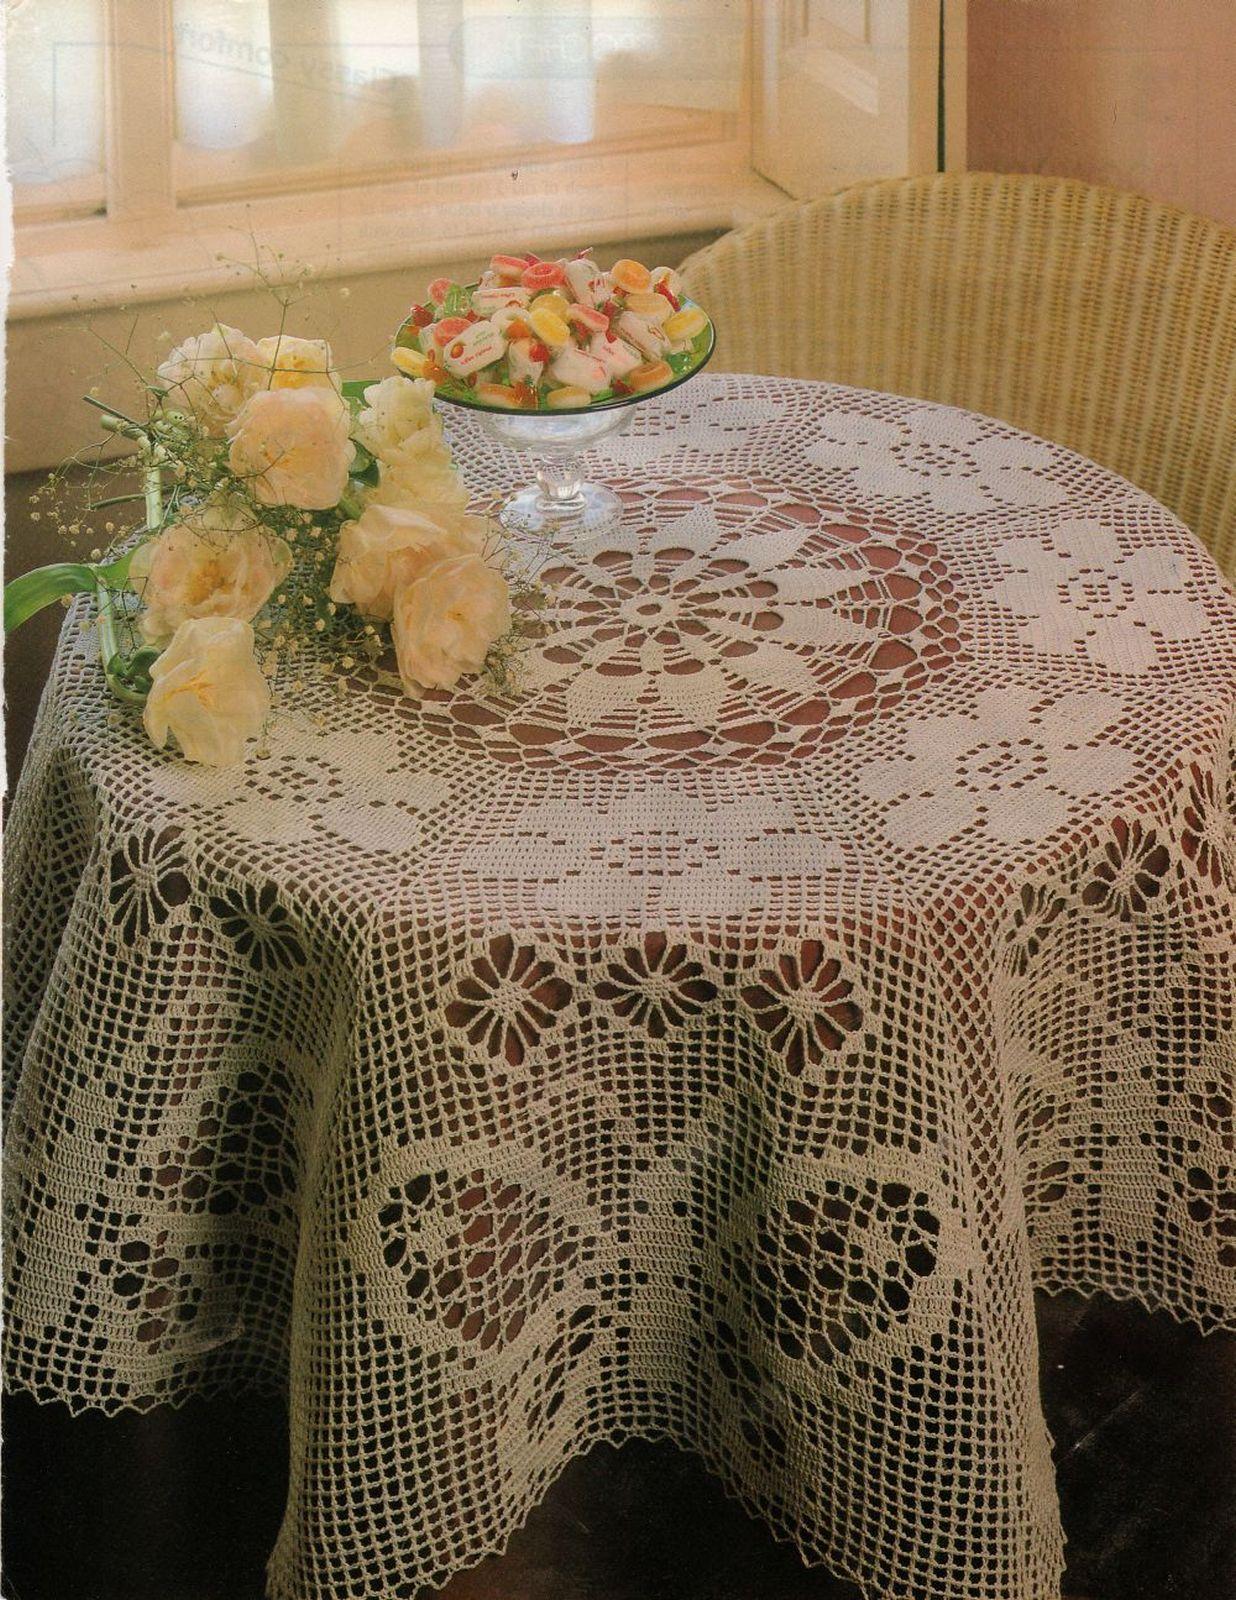 4X Butterfly Table Skirt Mat Pillows Dogwood Pillow Filet Crochet Patterns